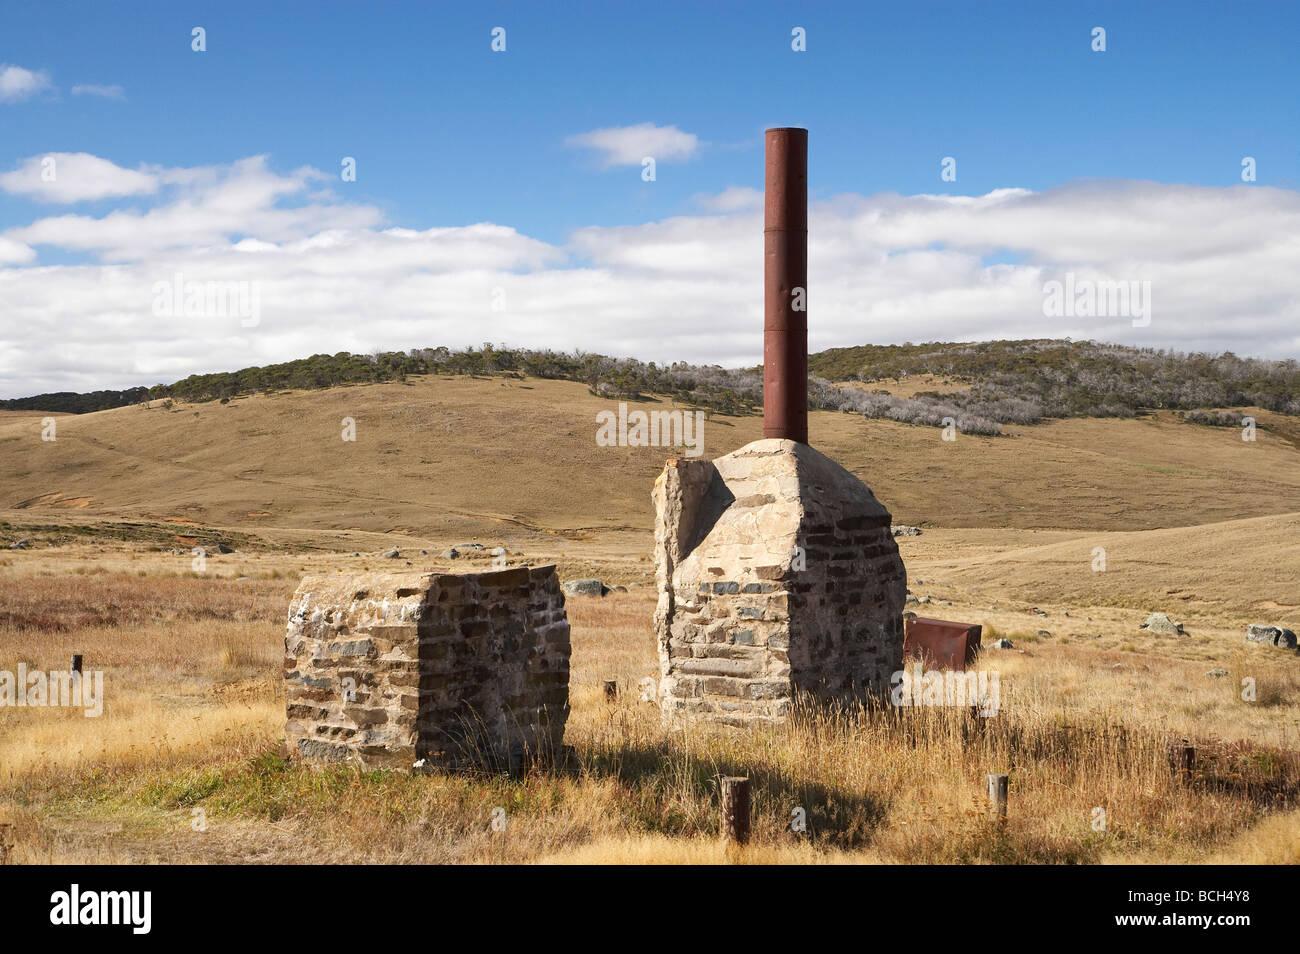 Ruinen, die historischen Gebäude aufgegeben Gold Rush Town von Kiandra Kosciuszko National Park Snowy Mountains, Stockbild